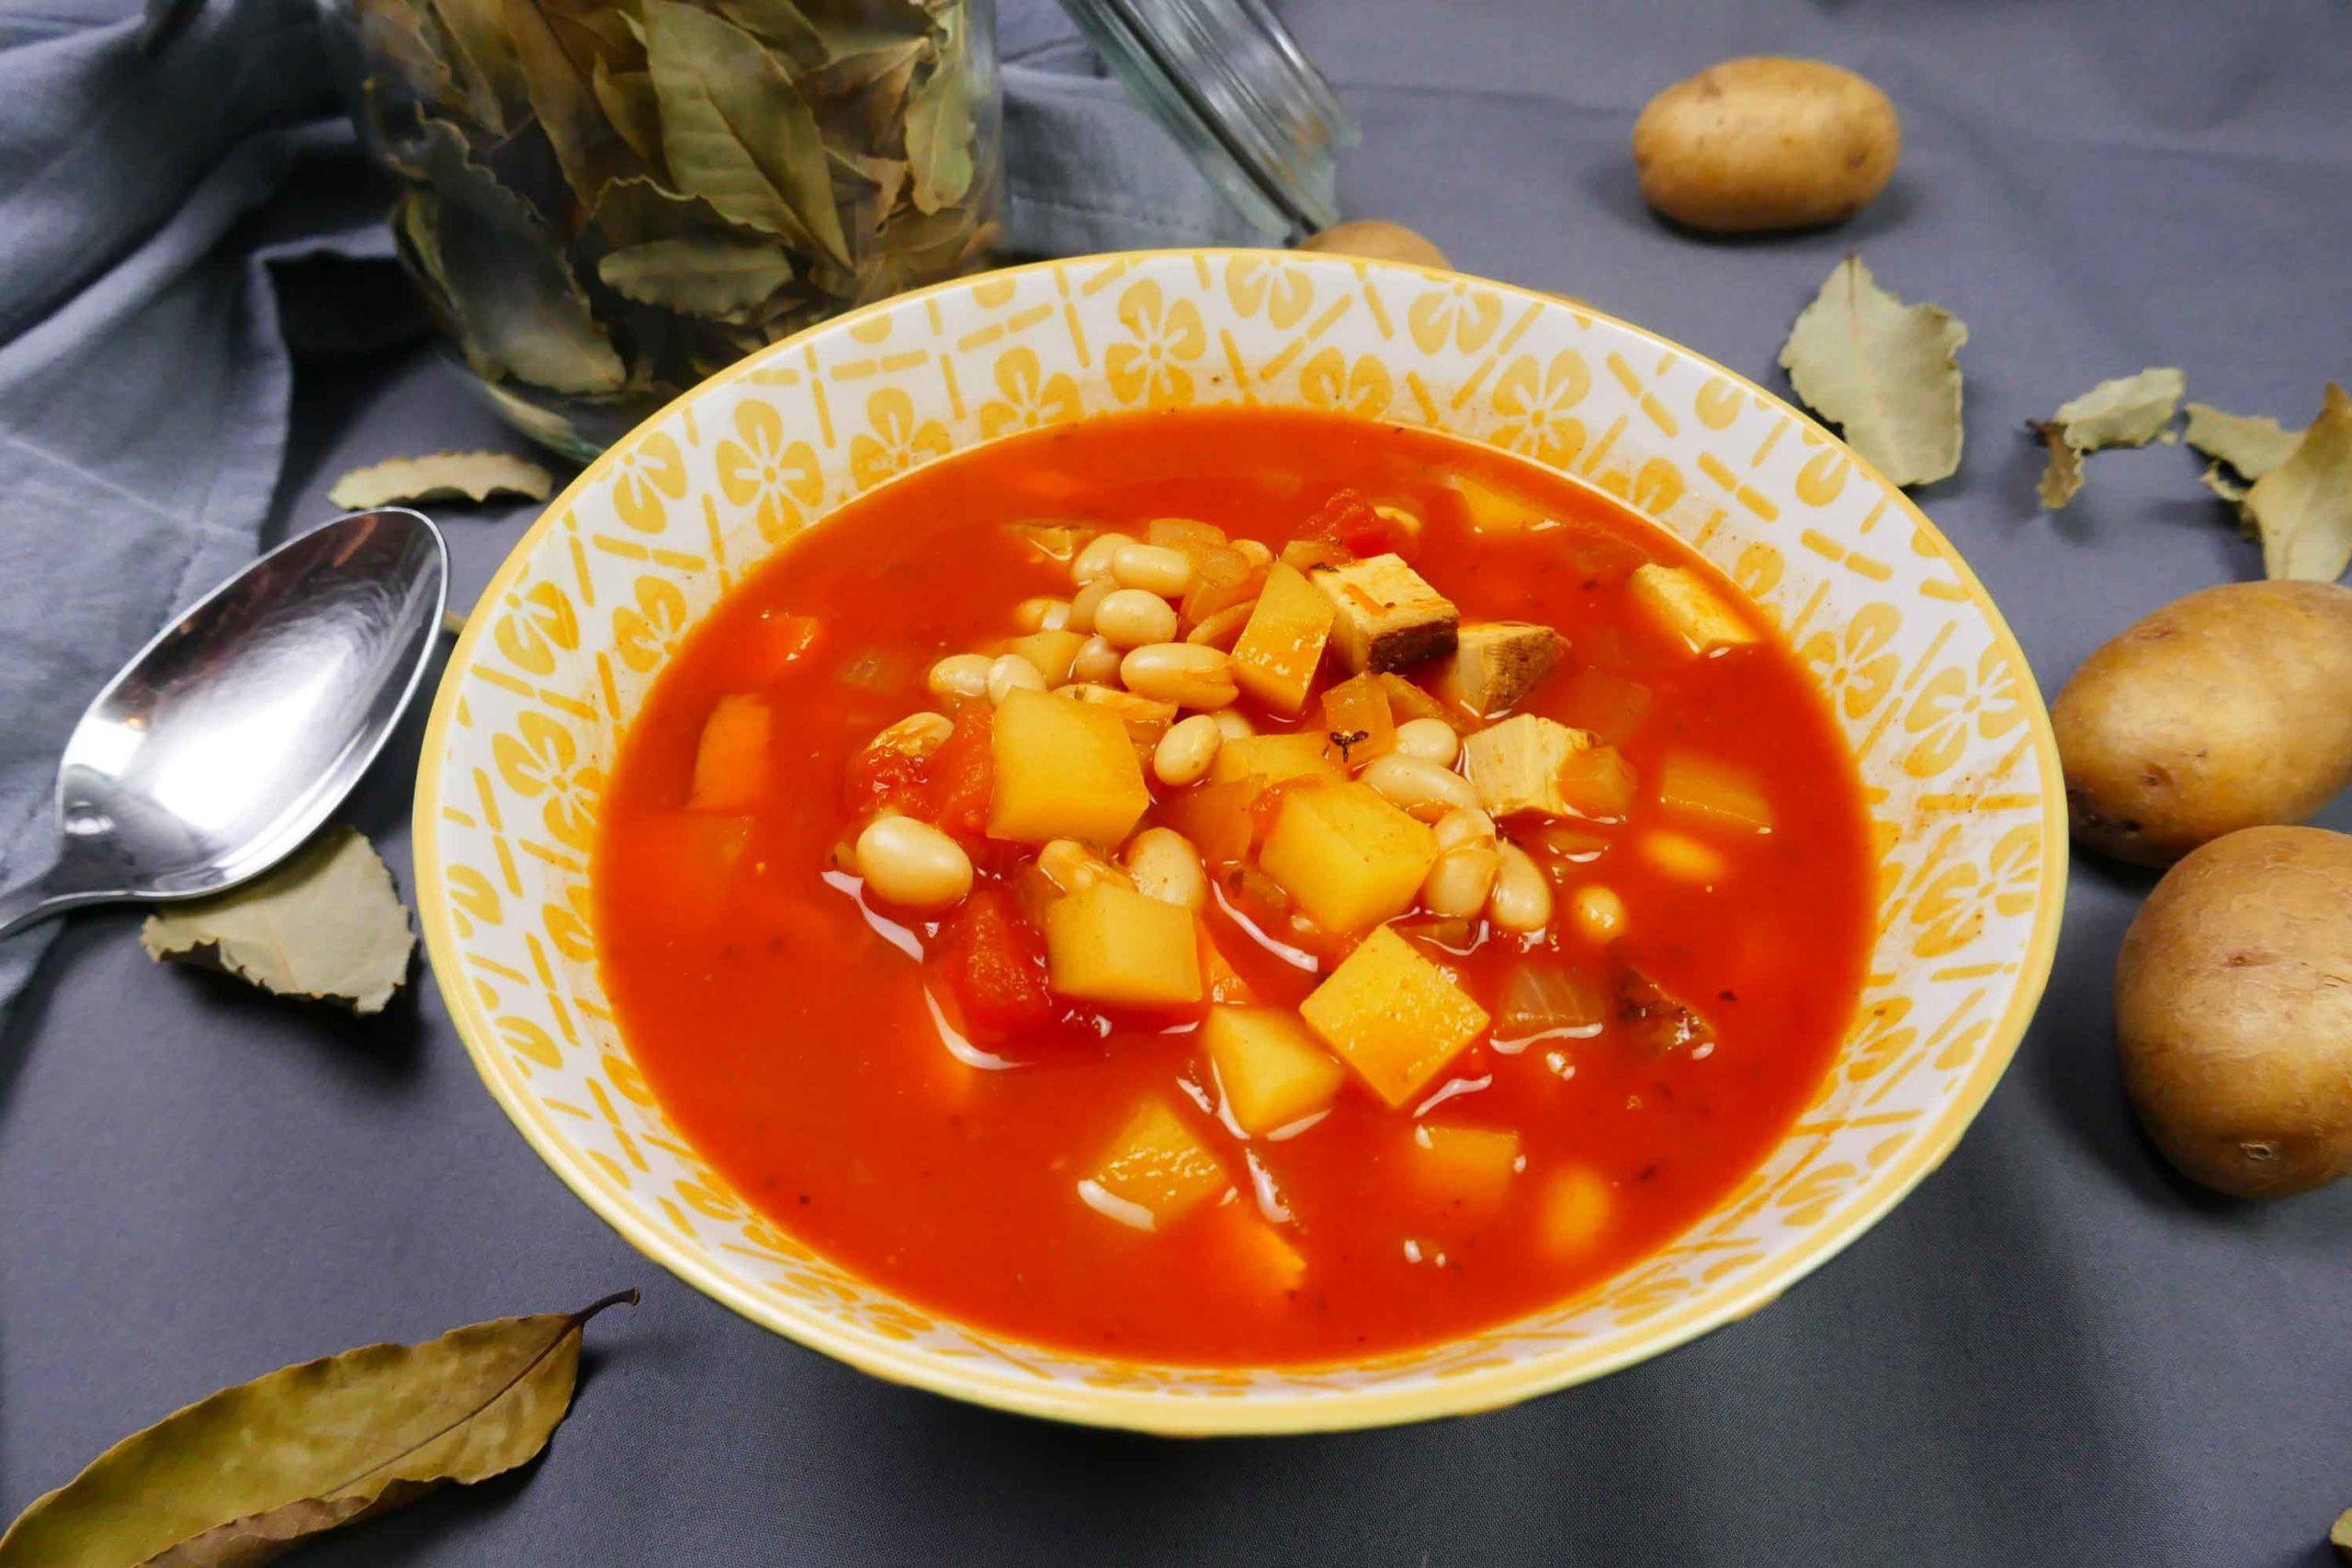 Vegane Serbische Bohnensuppe mit geräuchertem Tofu, weißen Bohnen und Kartoffeln in Schüssel